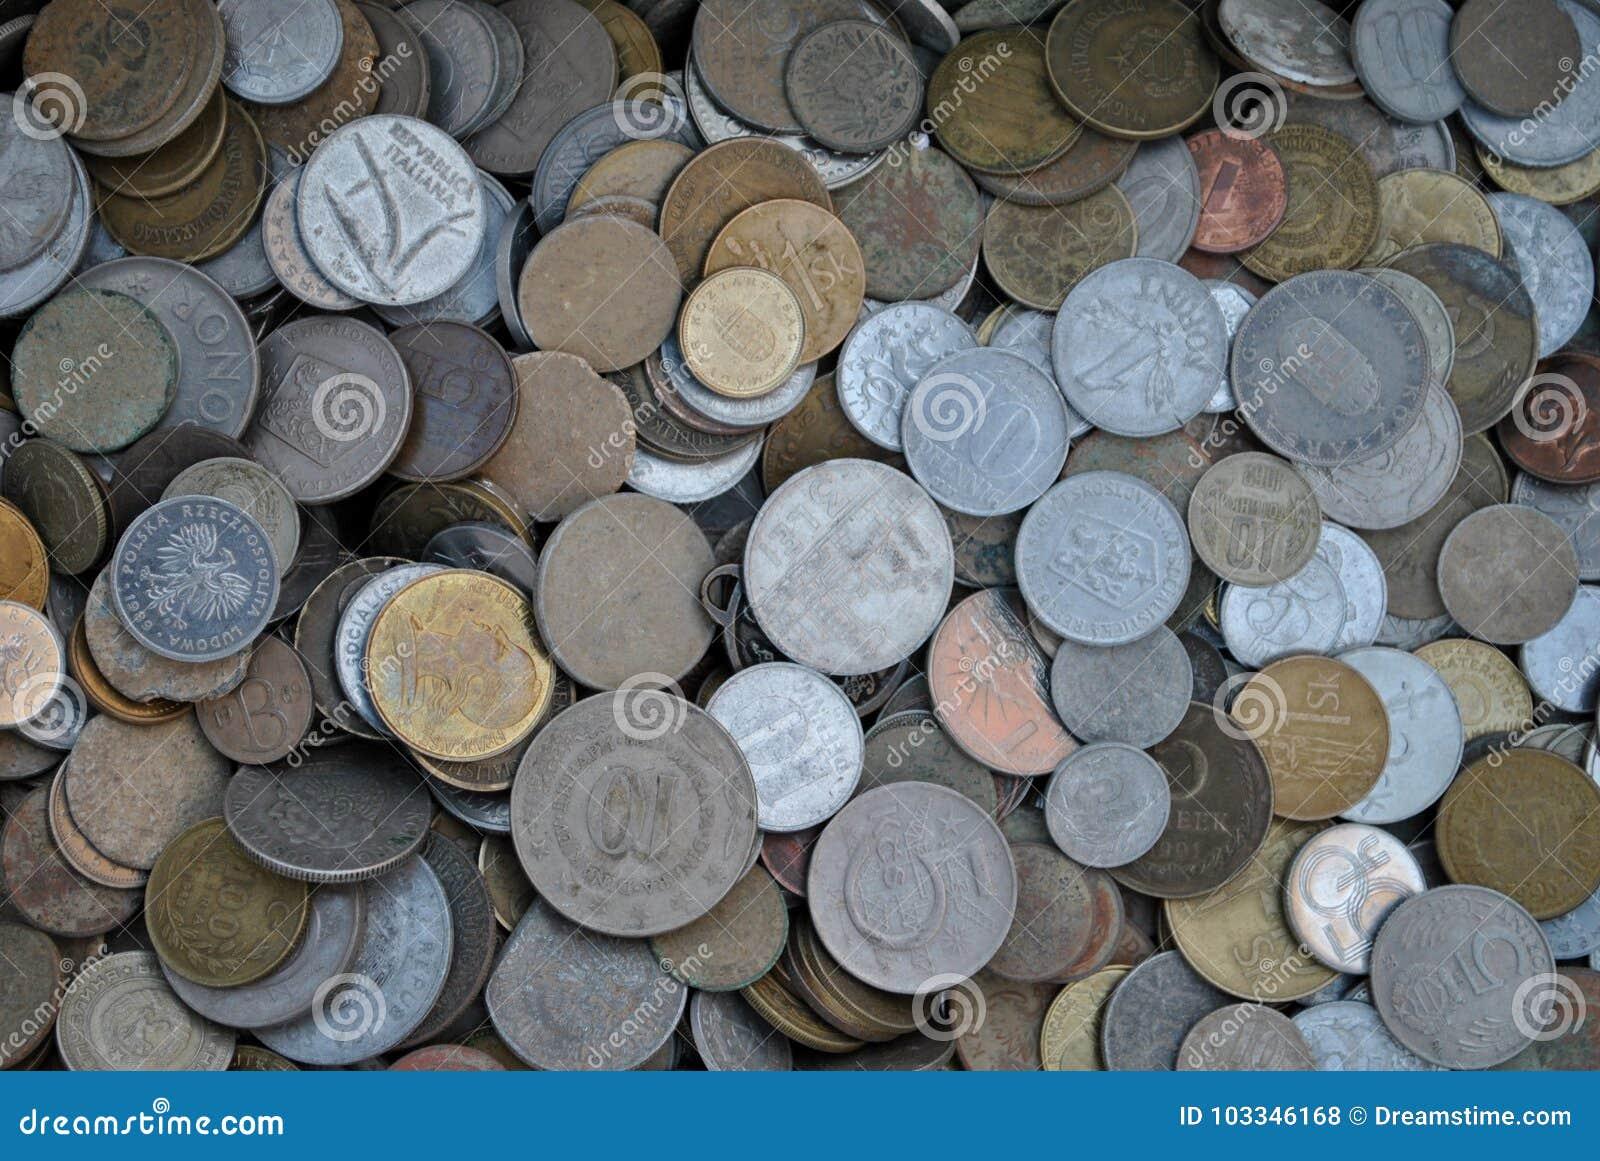 De inzameling van oude muntstukken